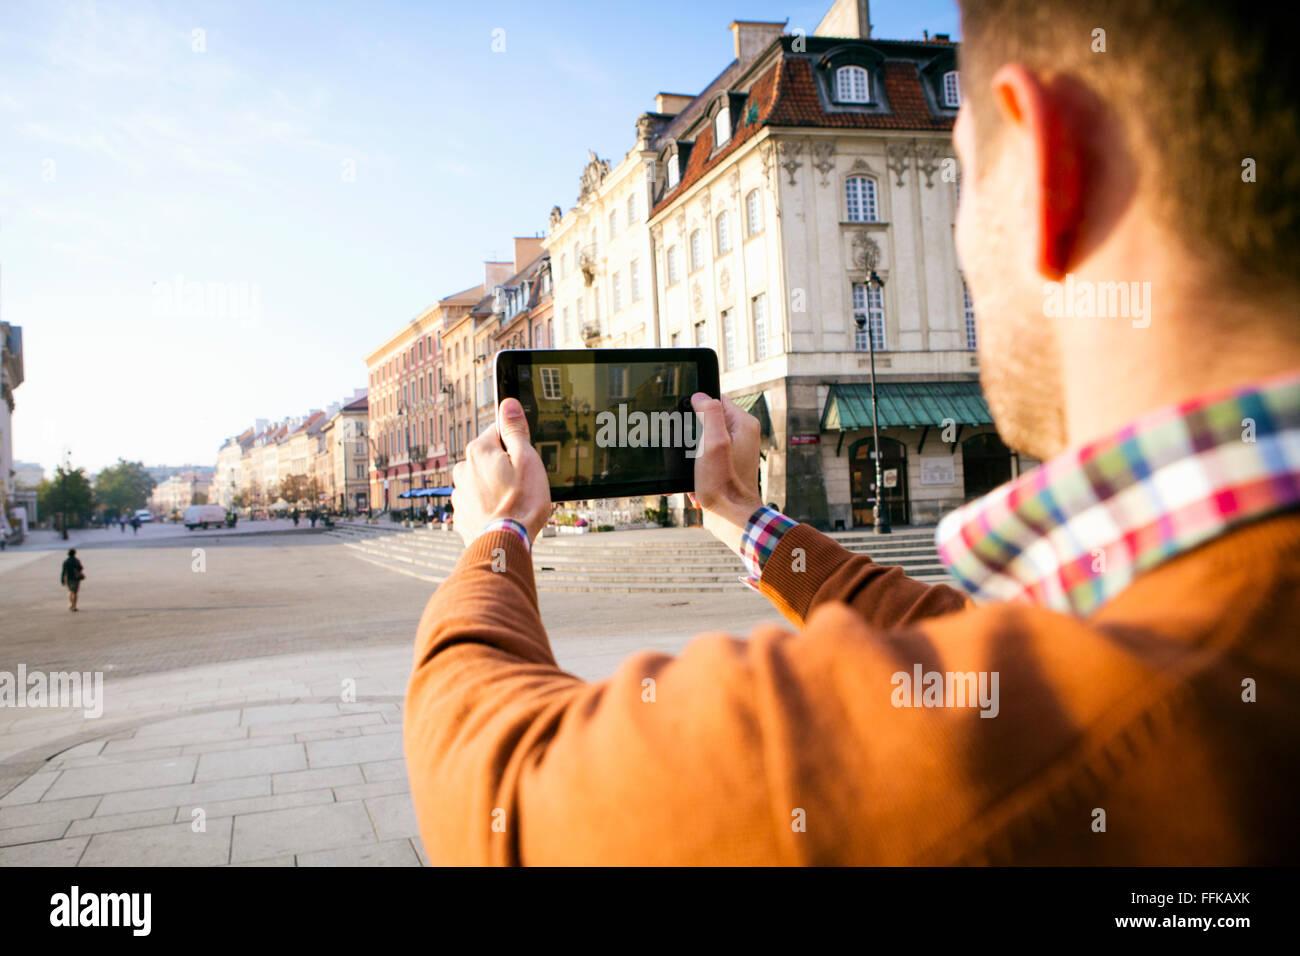 Hombre en una escapada a la ciudad tomando una fotografía con un teléfono inteligente. Foto de stock